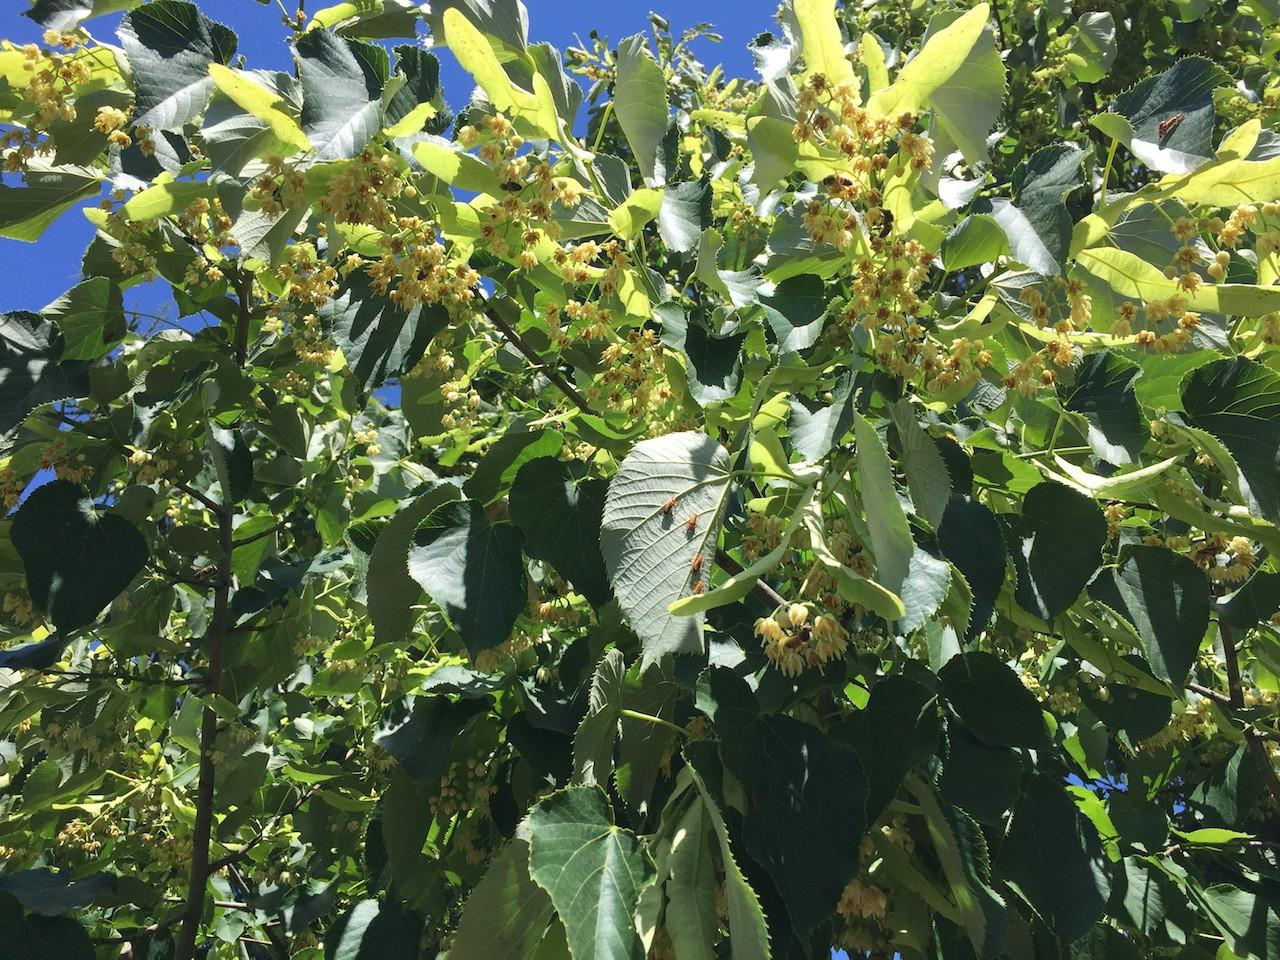 Tilleul arbre.JPG